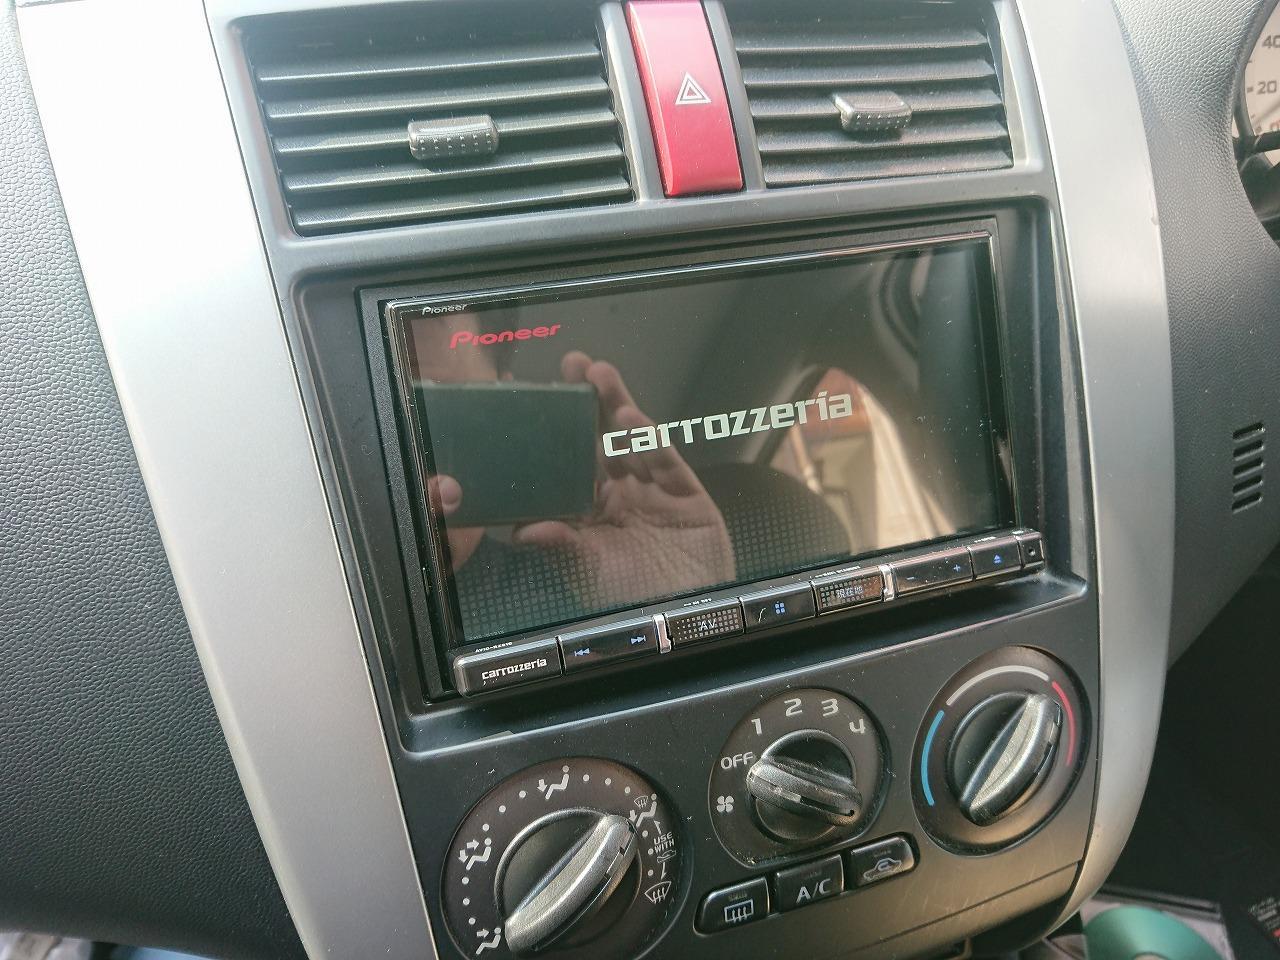 PIONEER / carrozzeria AVIC-RZ910